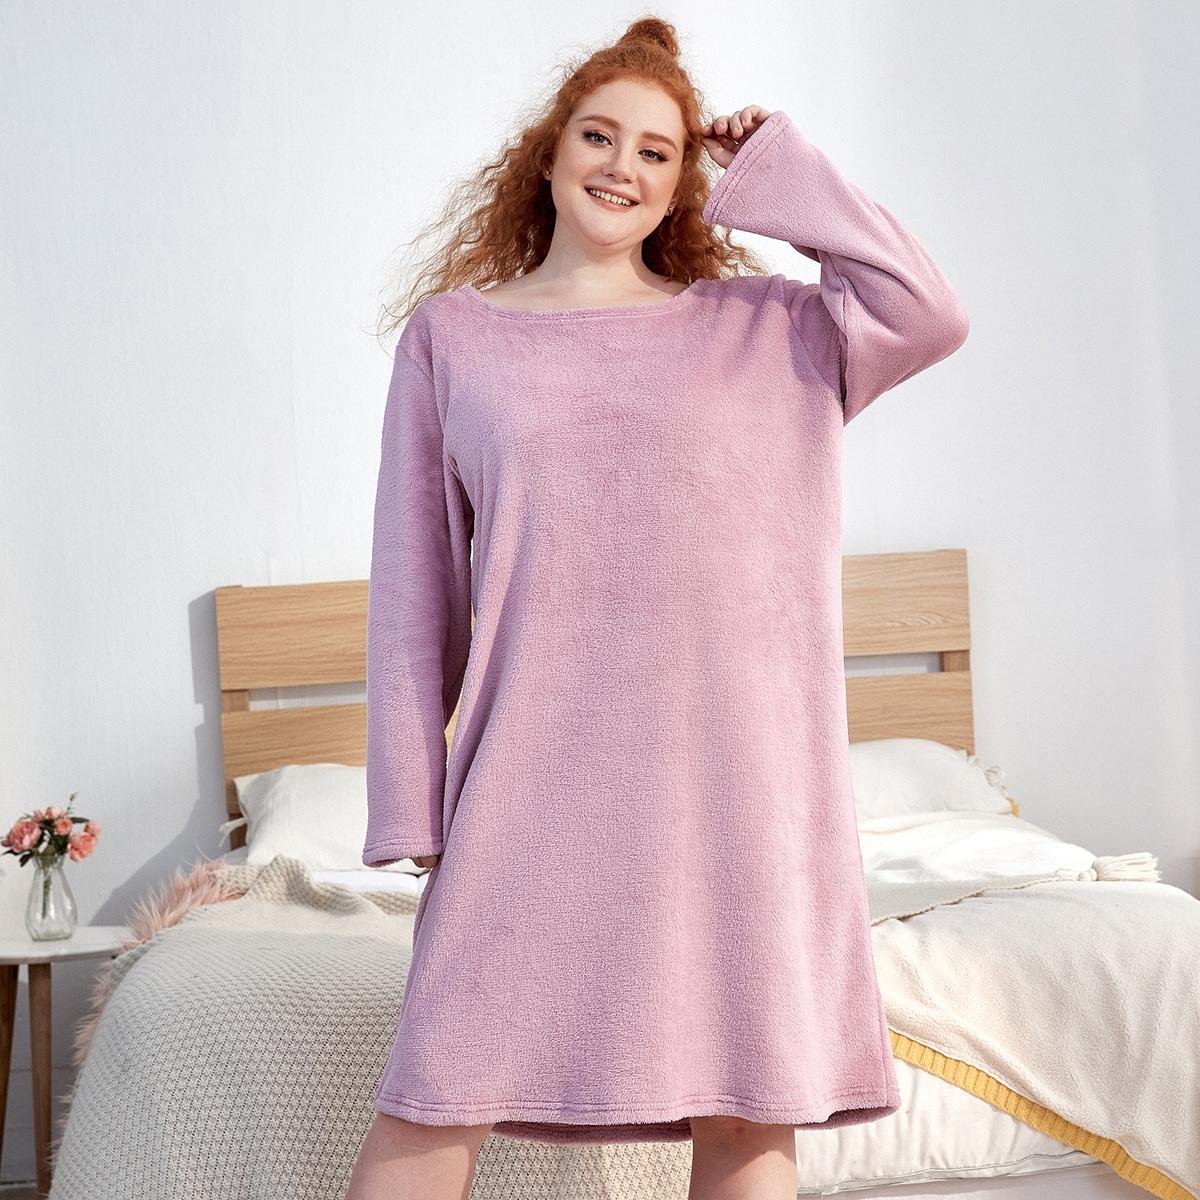 Пышная однотонная пижама оверсайз с вырезом лодочкой